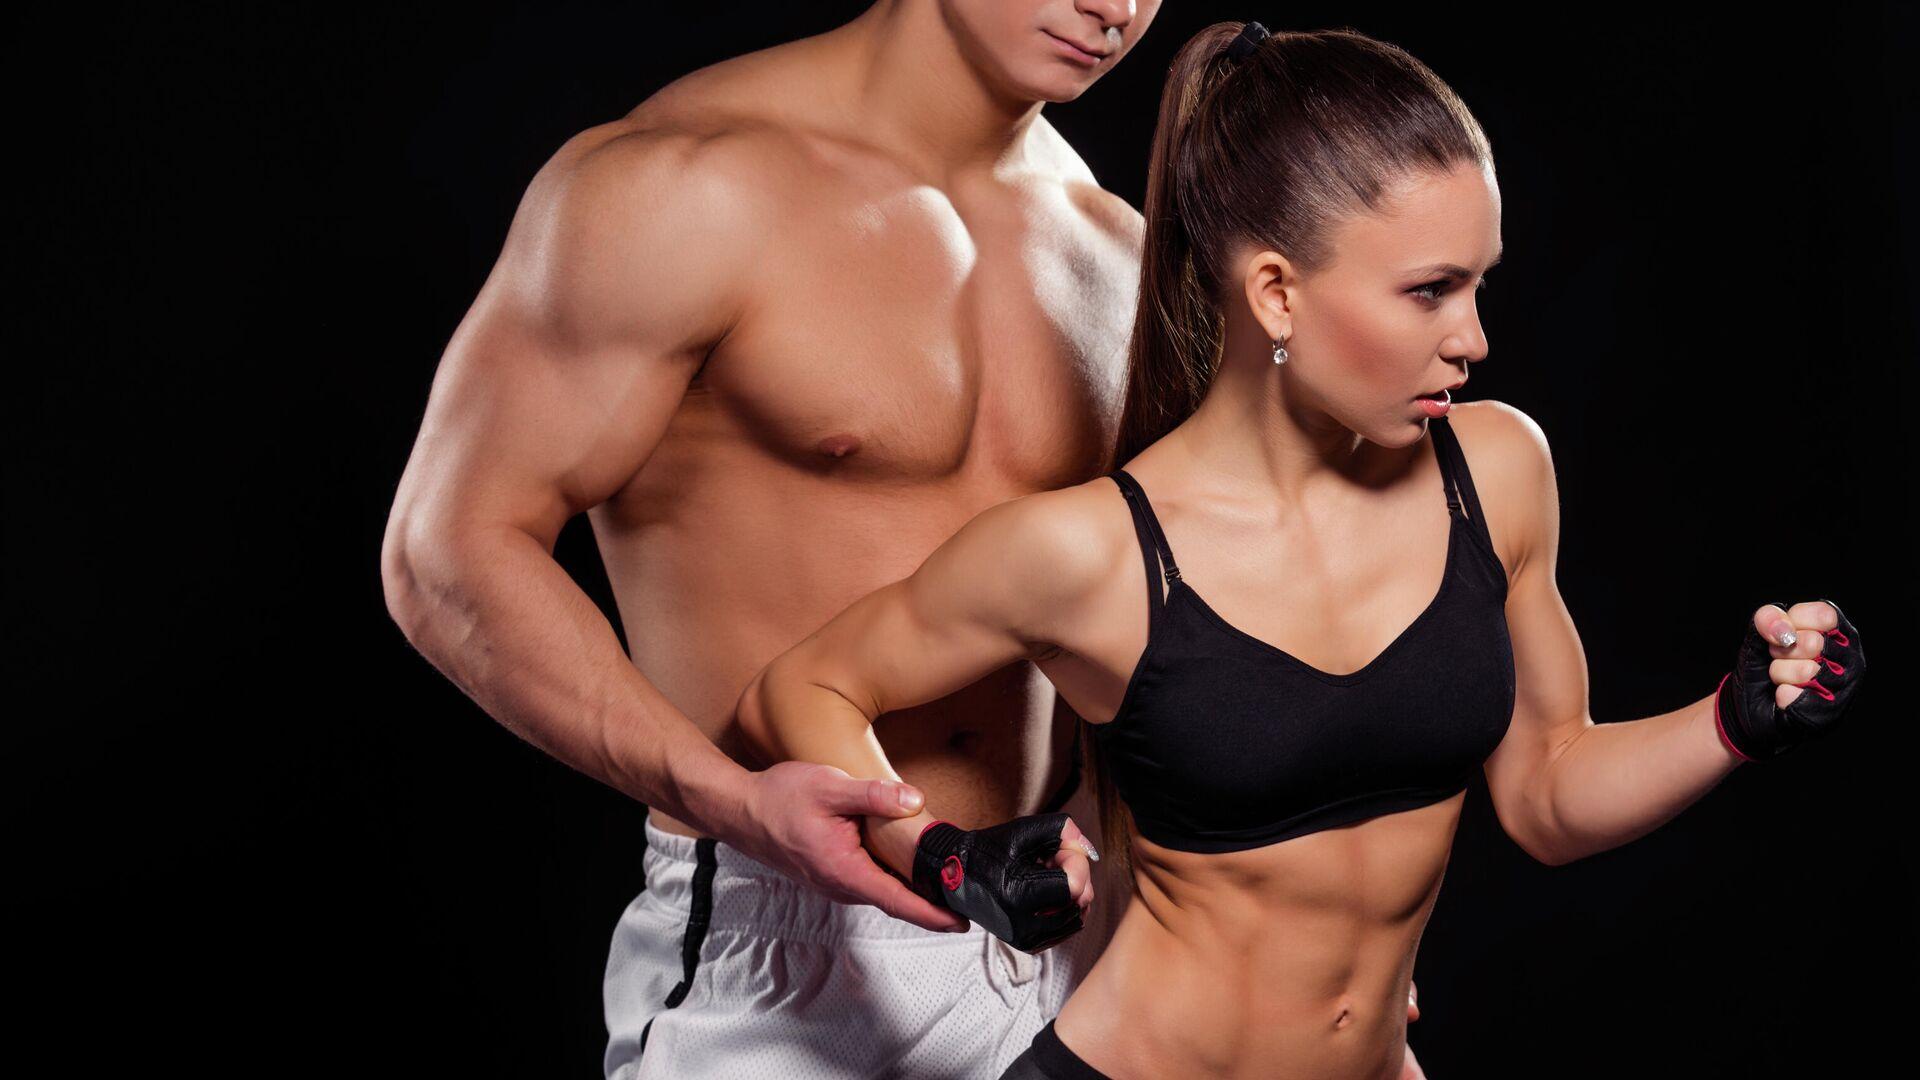 Ученые обнаружили важное условие, необходимое для роста мышц